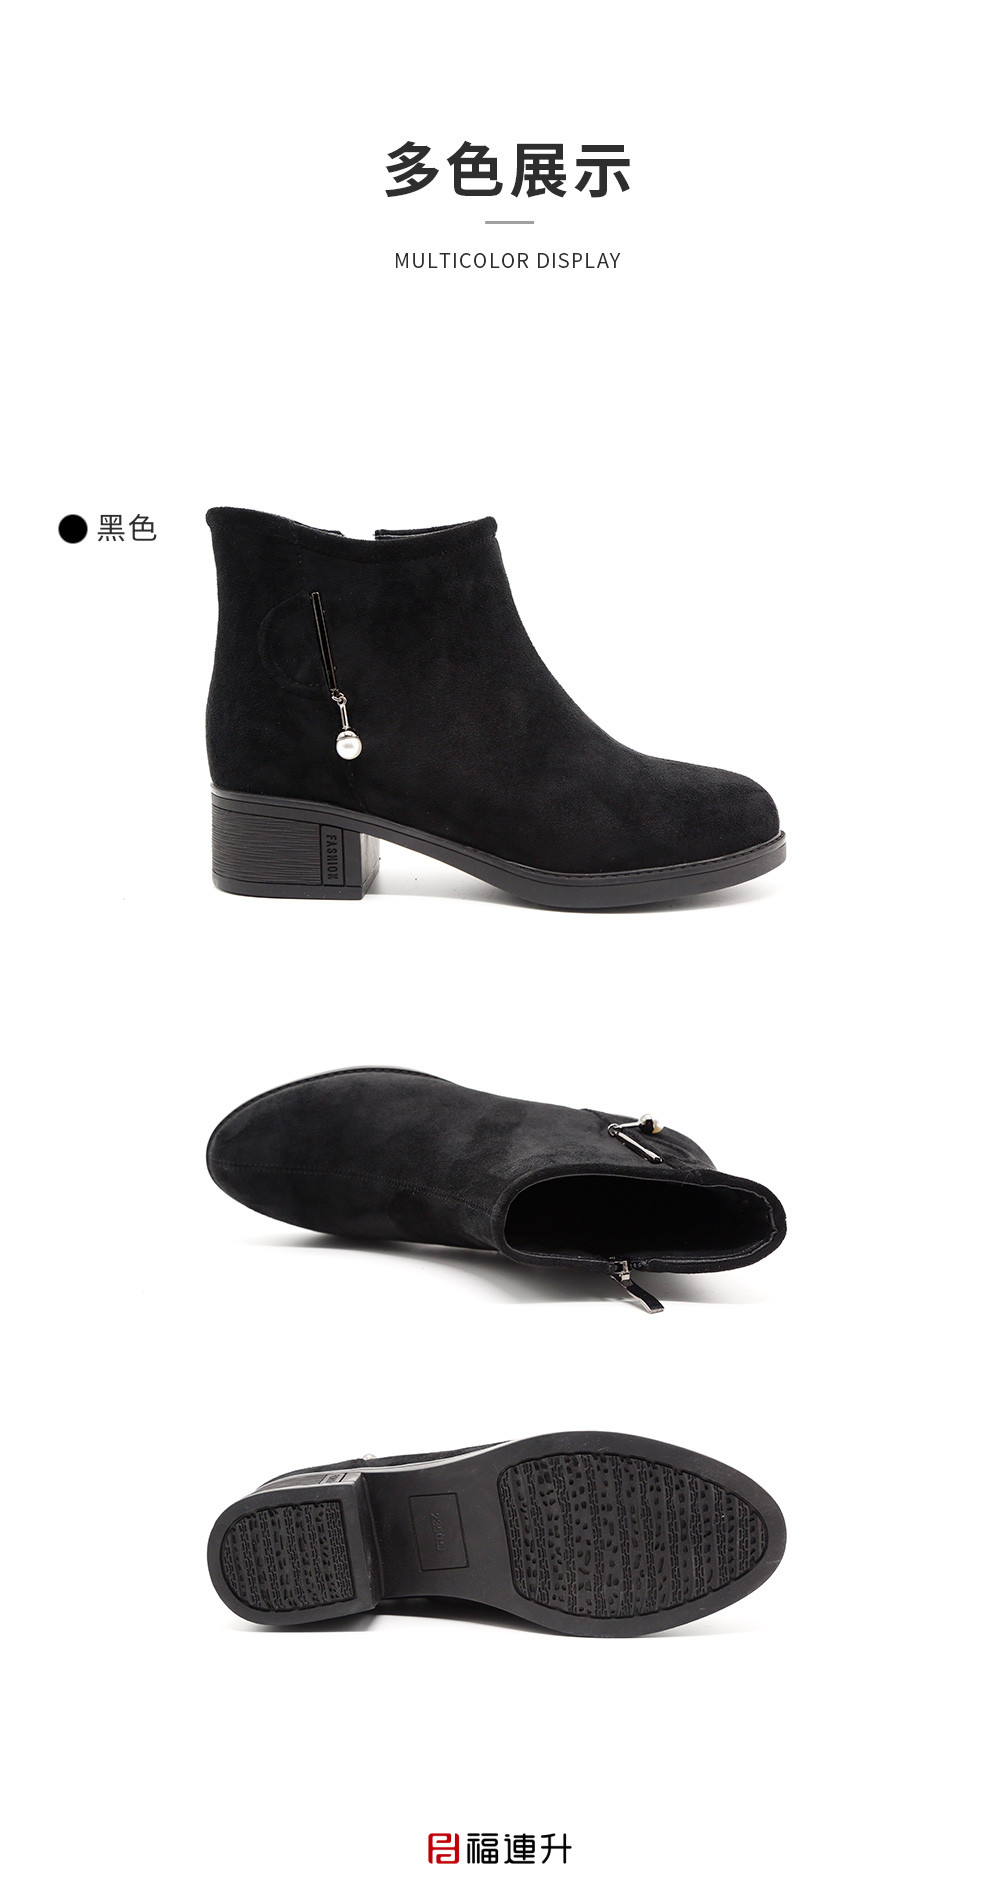 磨砂短靴女鞋2020冬季百搭粗跟中跟马丁靴女鞋子图片